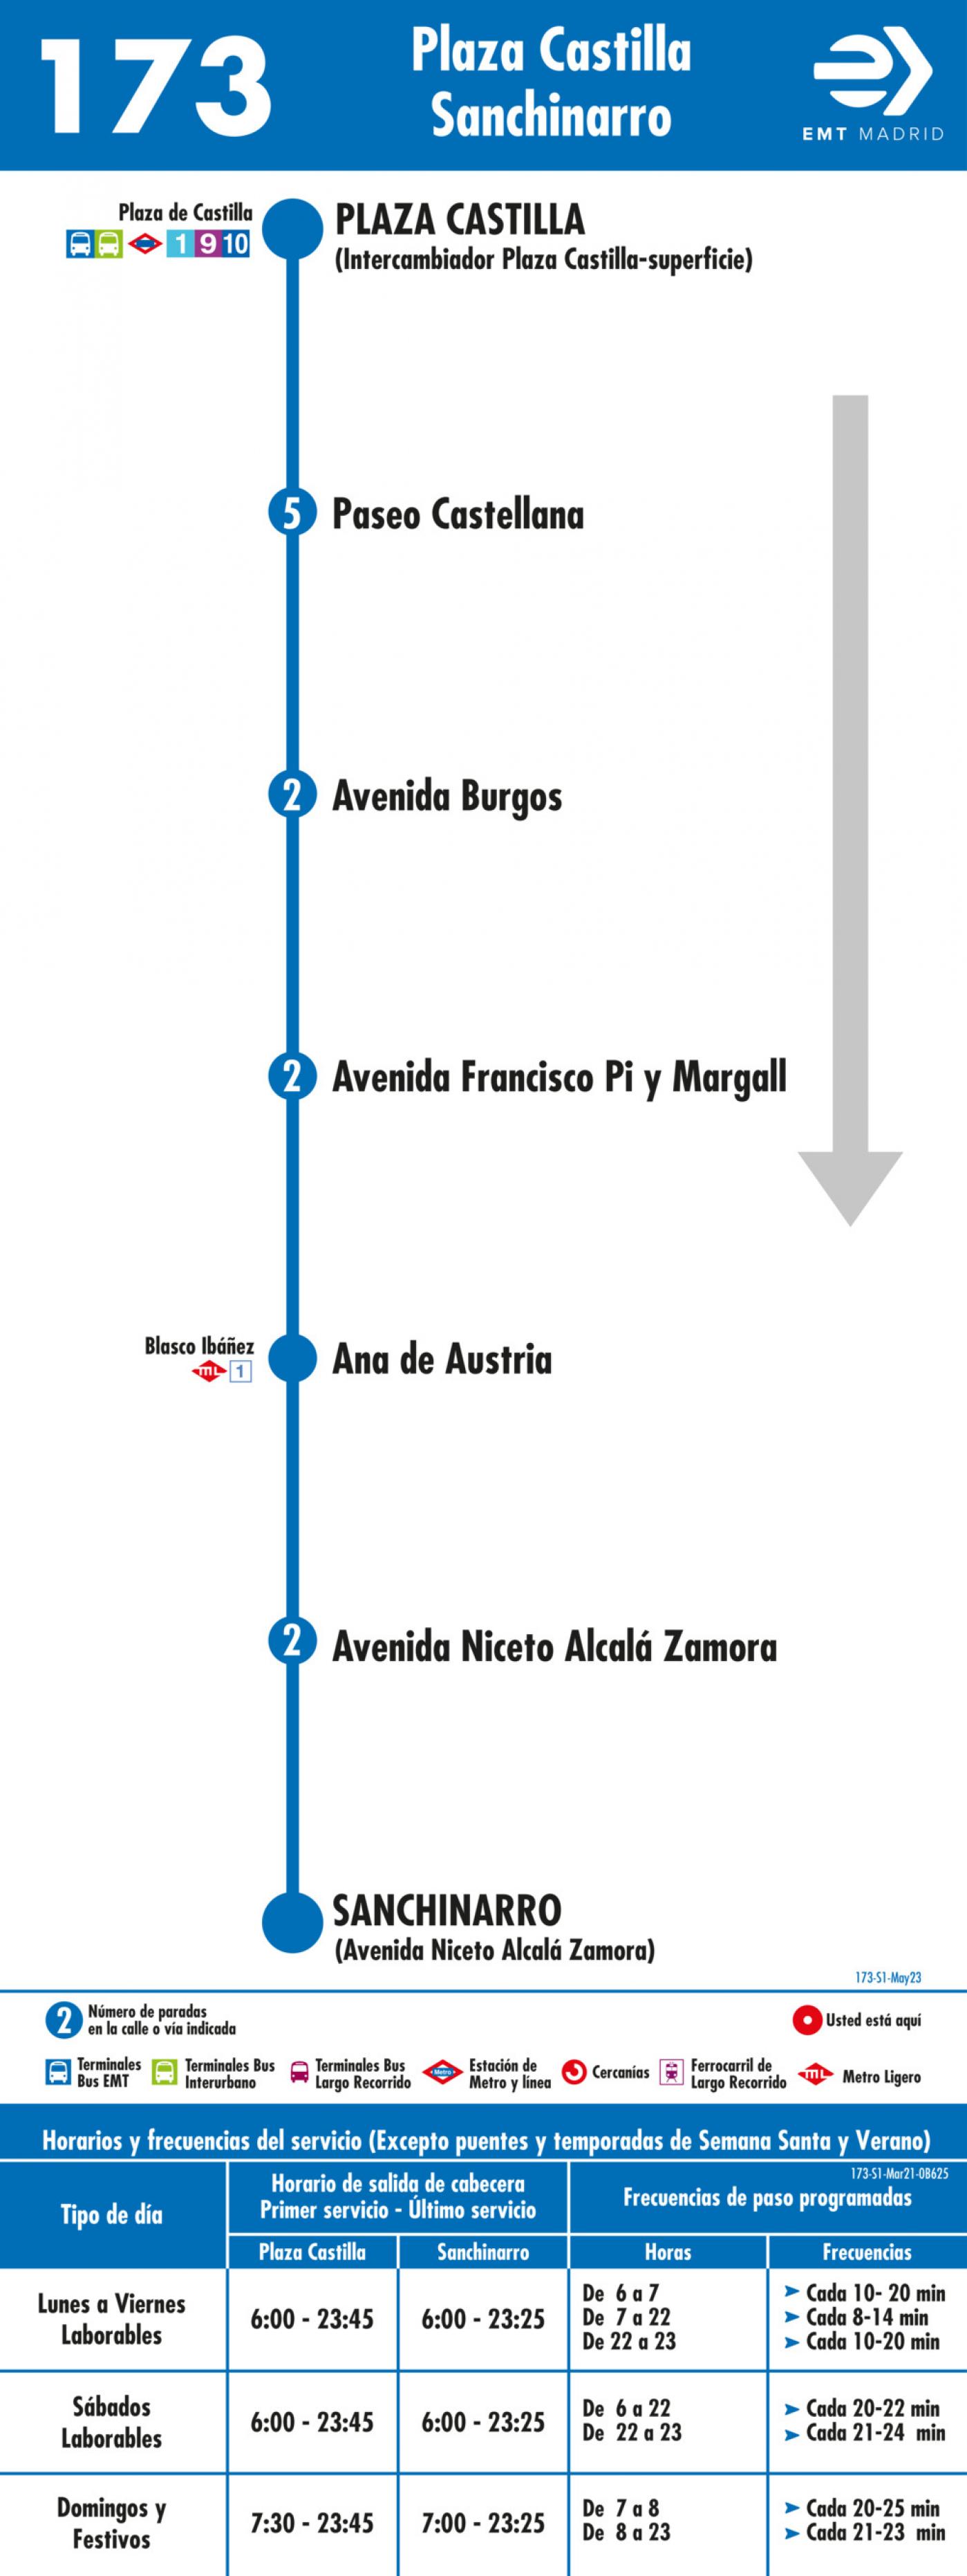 Tabla de horarios y frecuencias de paso en sentido ida Línea 173: Plaza de Castilla - Sanchinarro